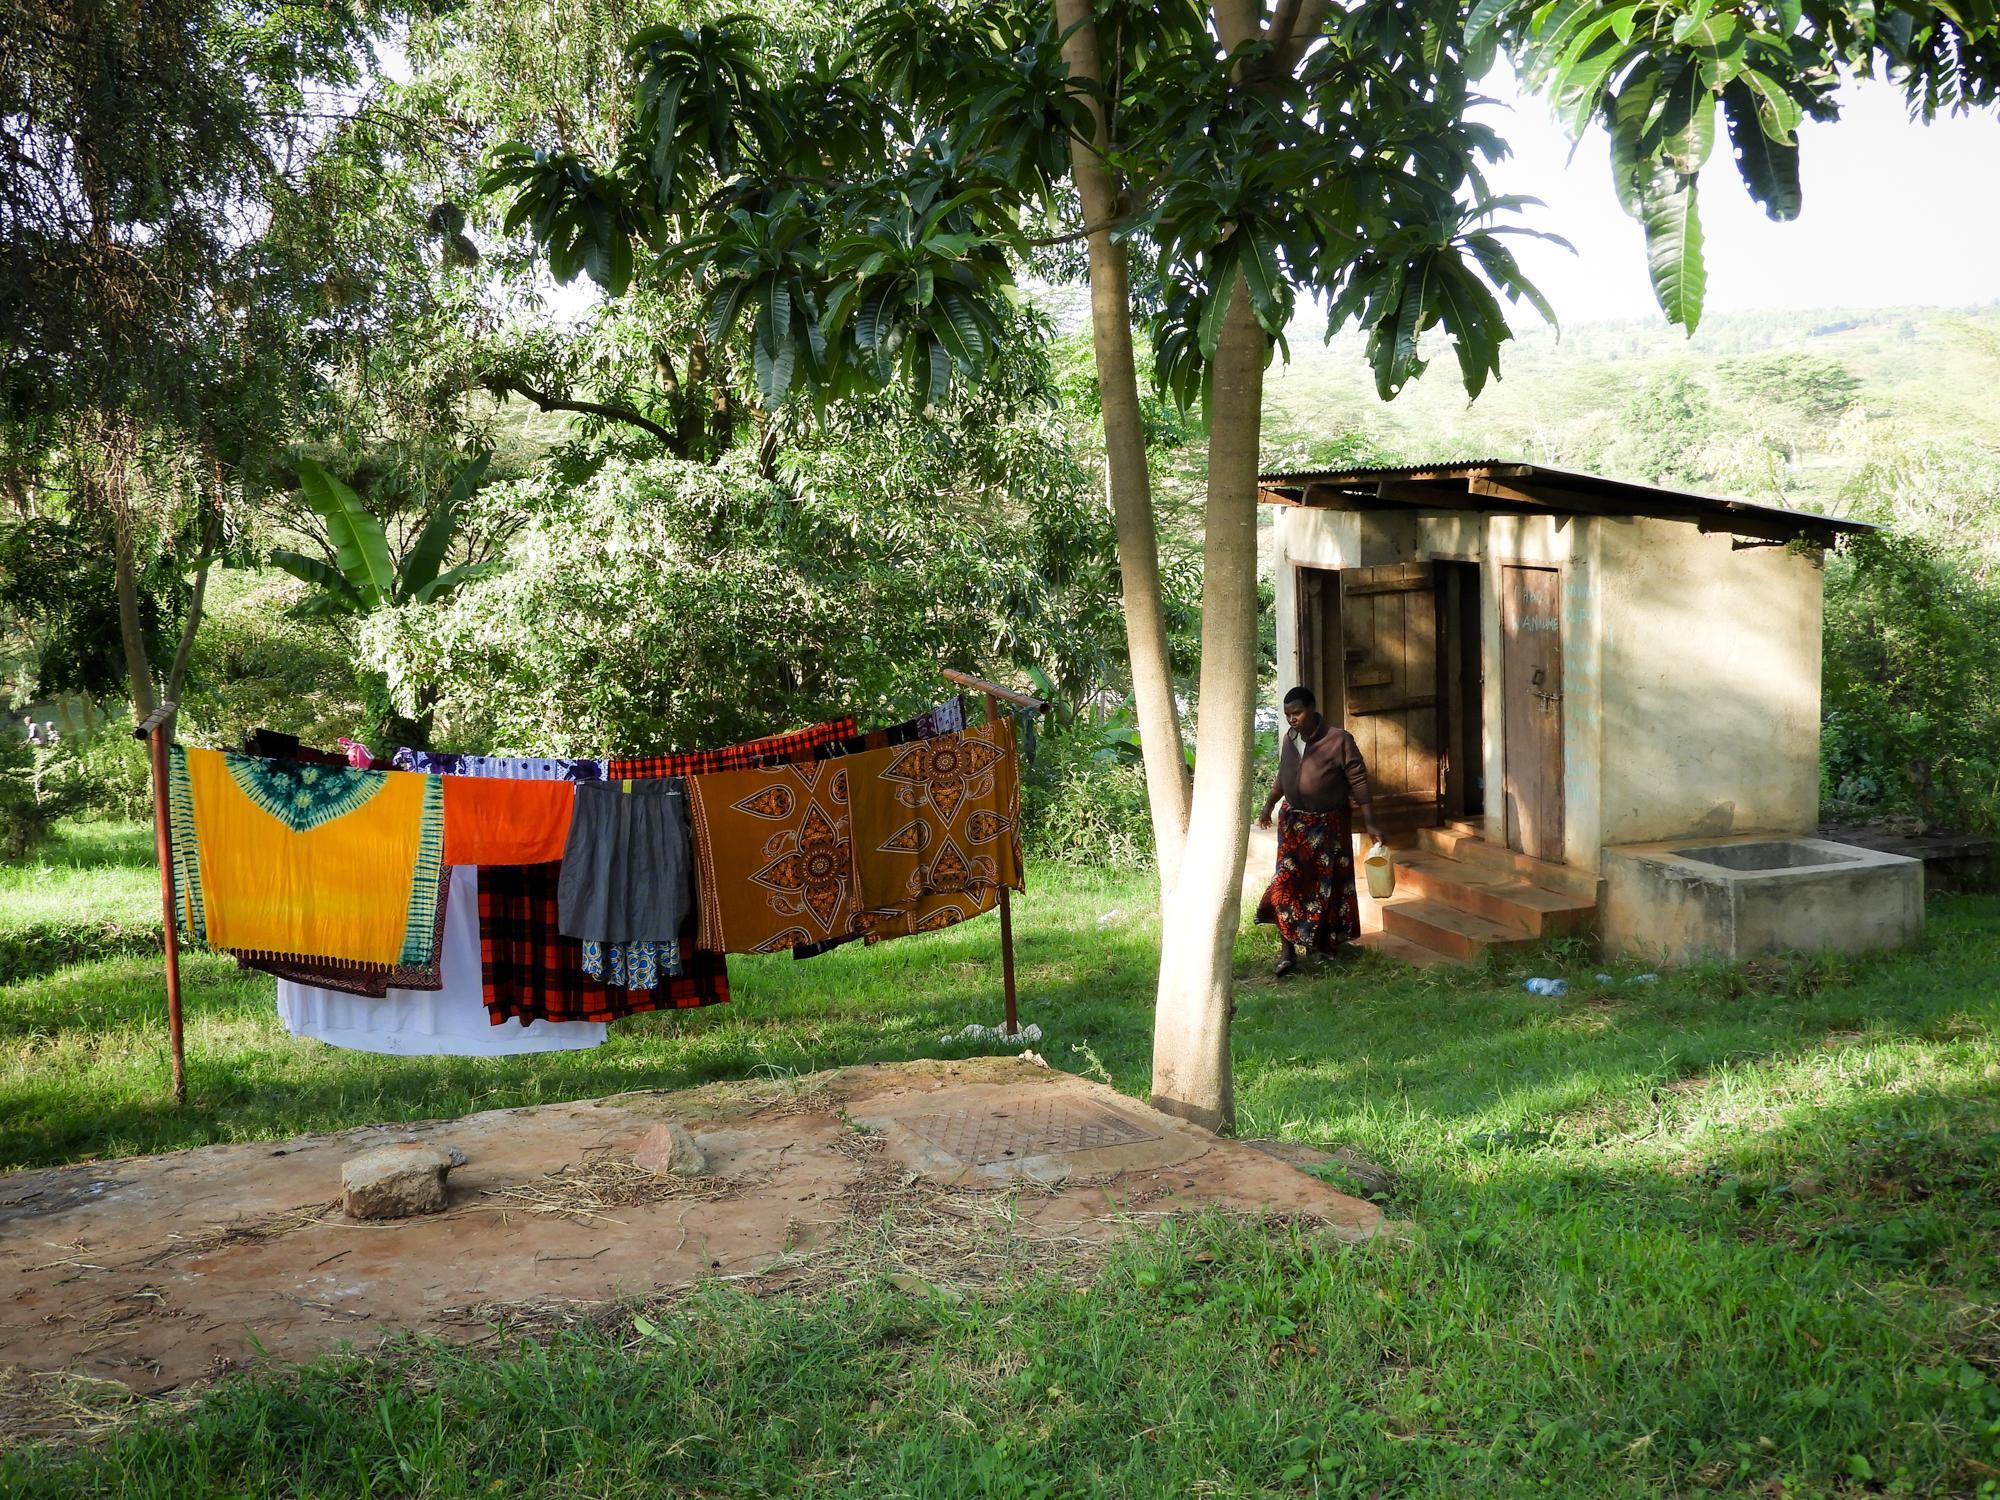 Angehörige sind verantwortlich für das Essen und die Körperpflege der Patienten.. So gibt es die Gelegenheit, im Spitalgelände zu kochen und  die Wäsche zu waschen.